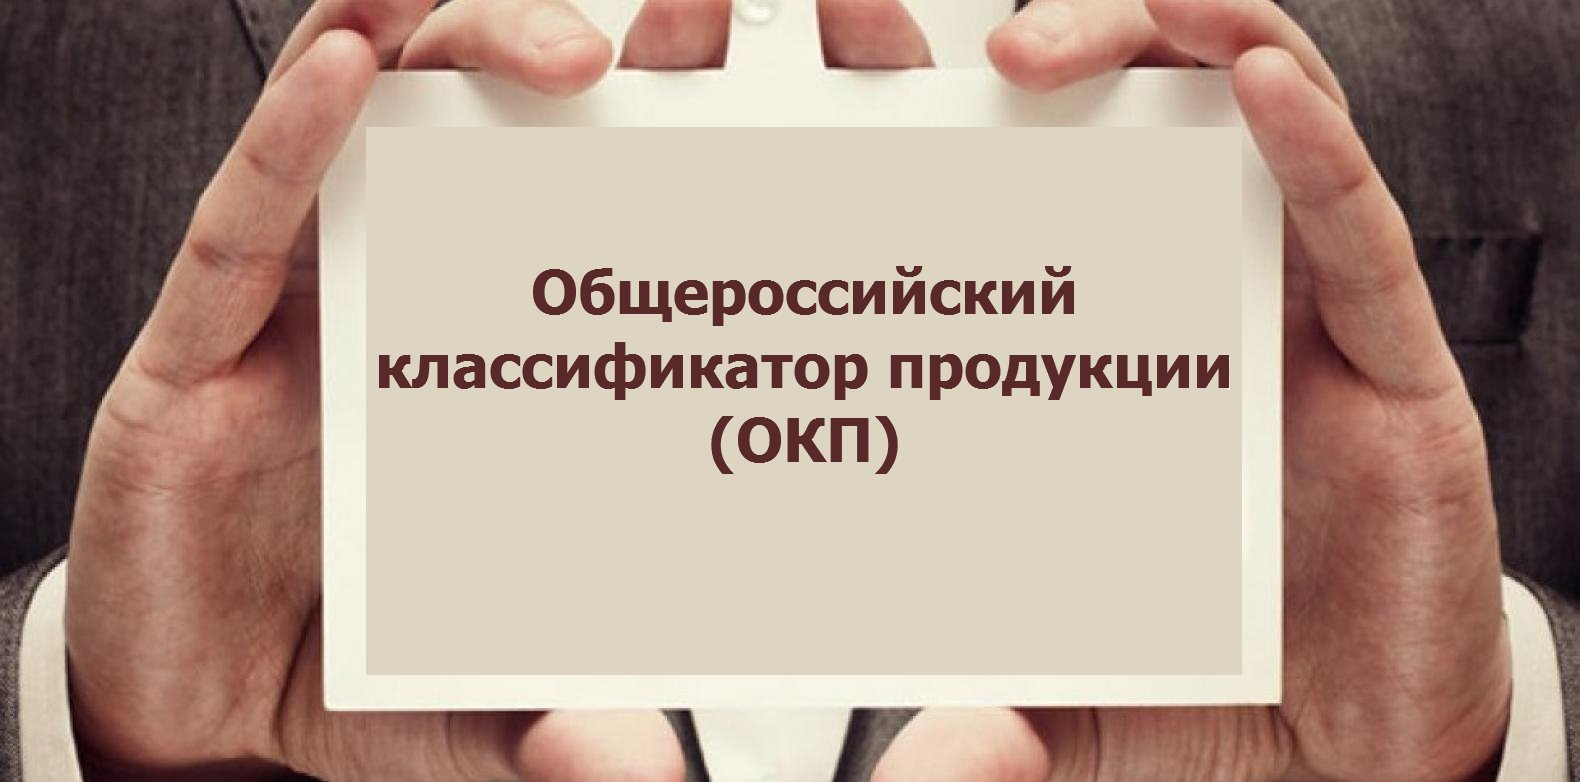 Коды ОКП